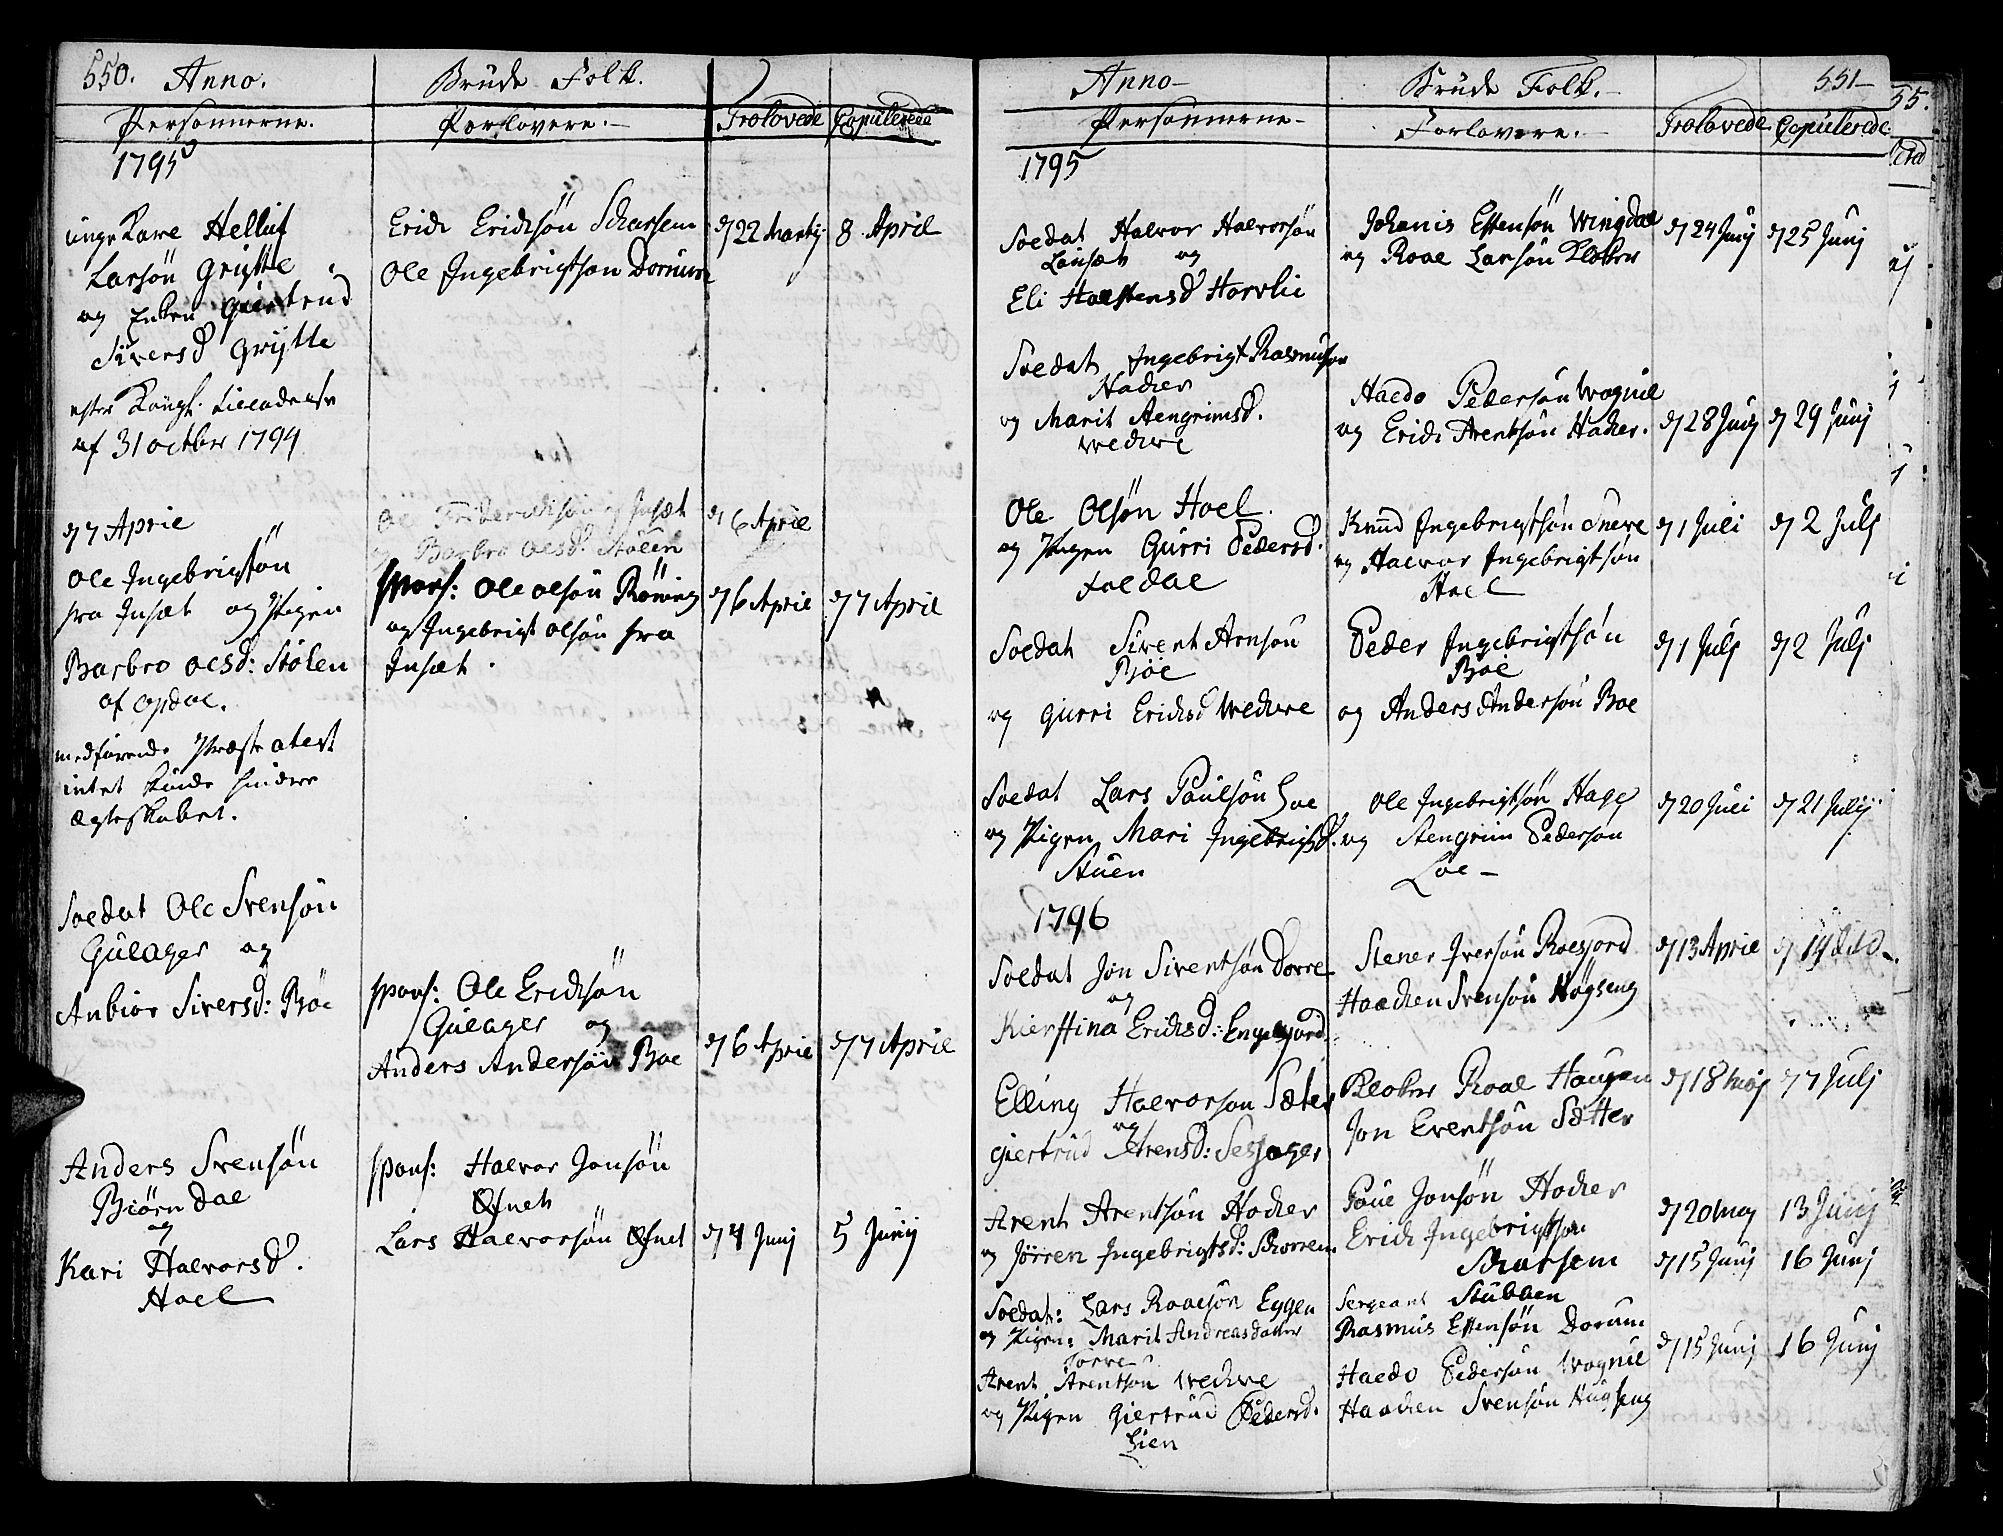 SAT, Ministerialprotokoller, klokkerbøker og fødselsregistre - Sør-Trøndelag, 678/L0893: Ministerialbok nr. 678A03, 1792-1805, s. 550-551